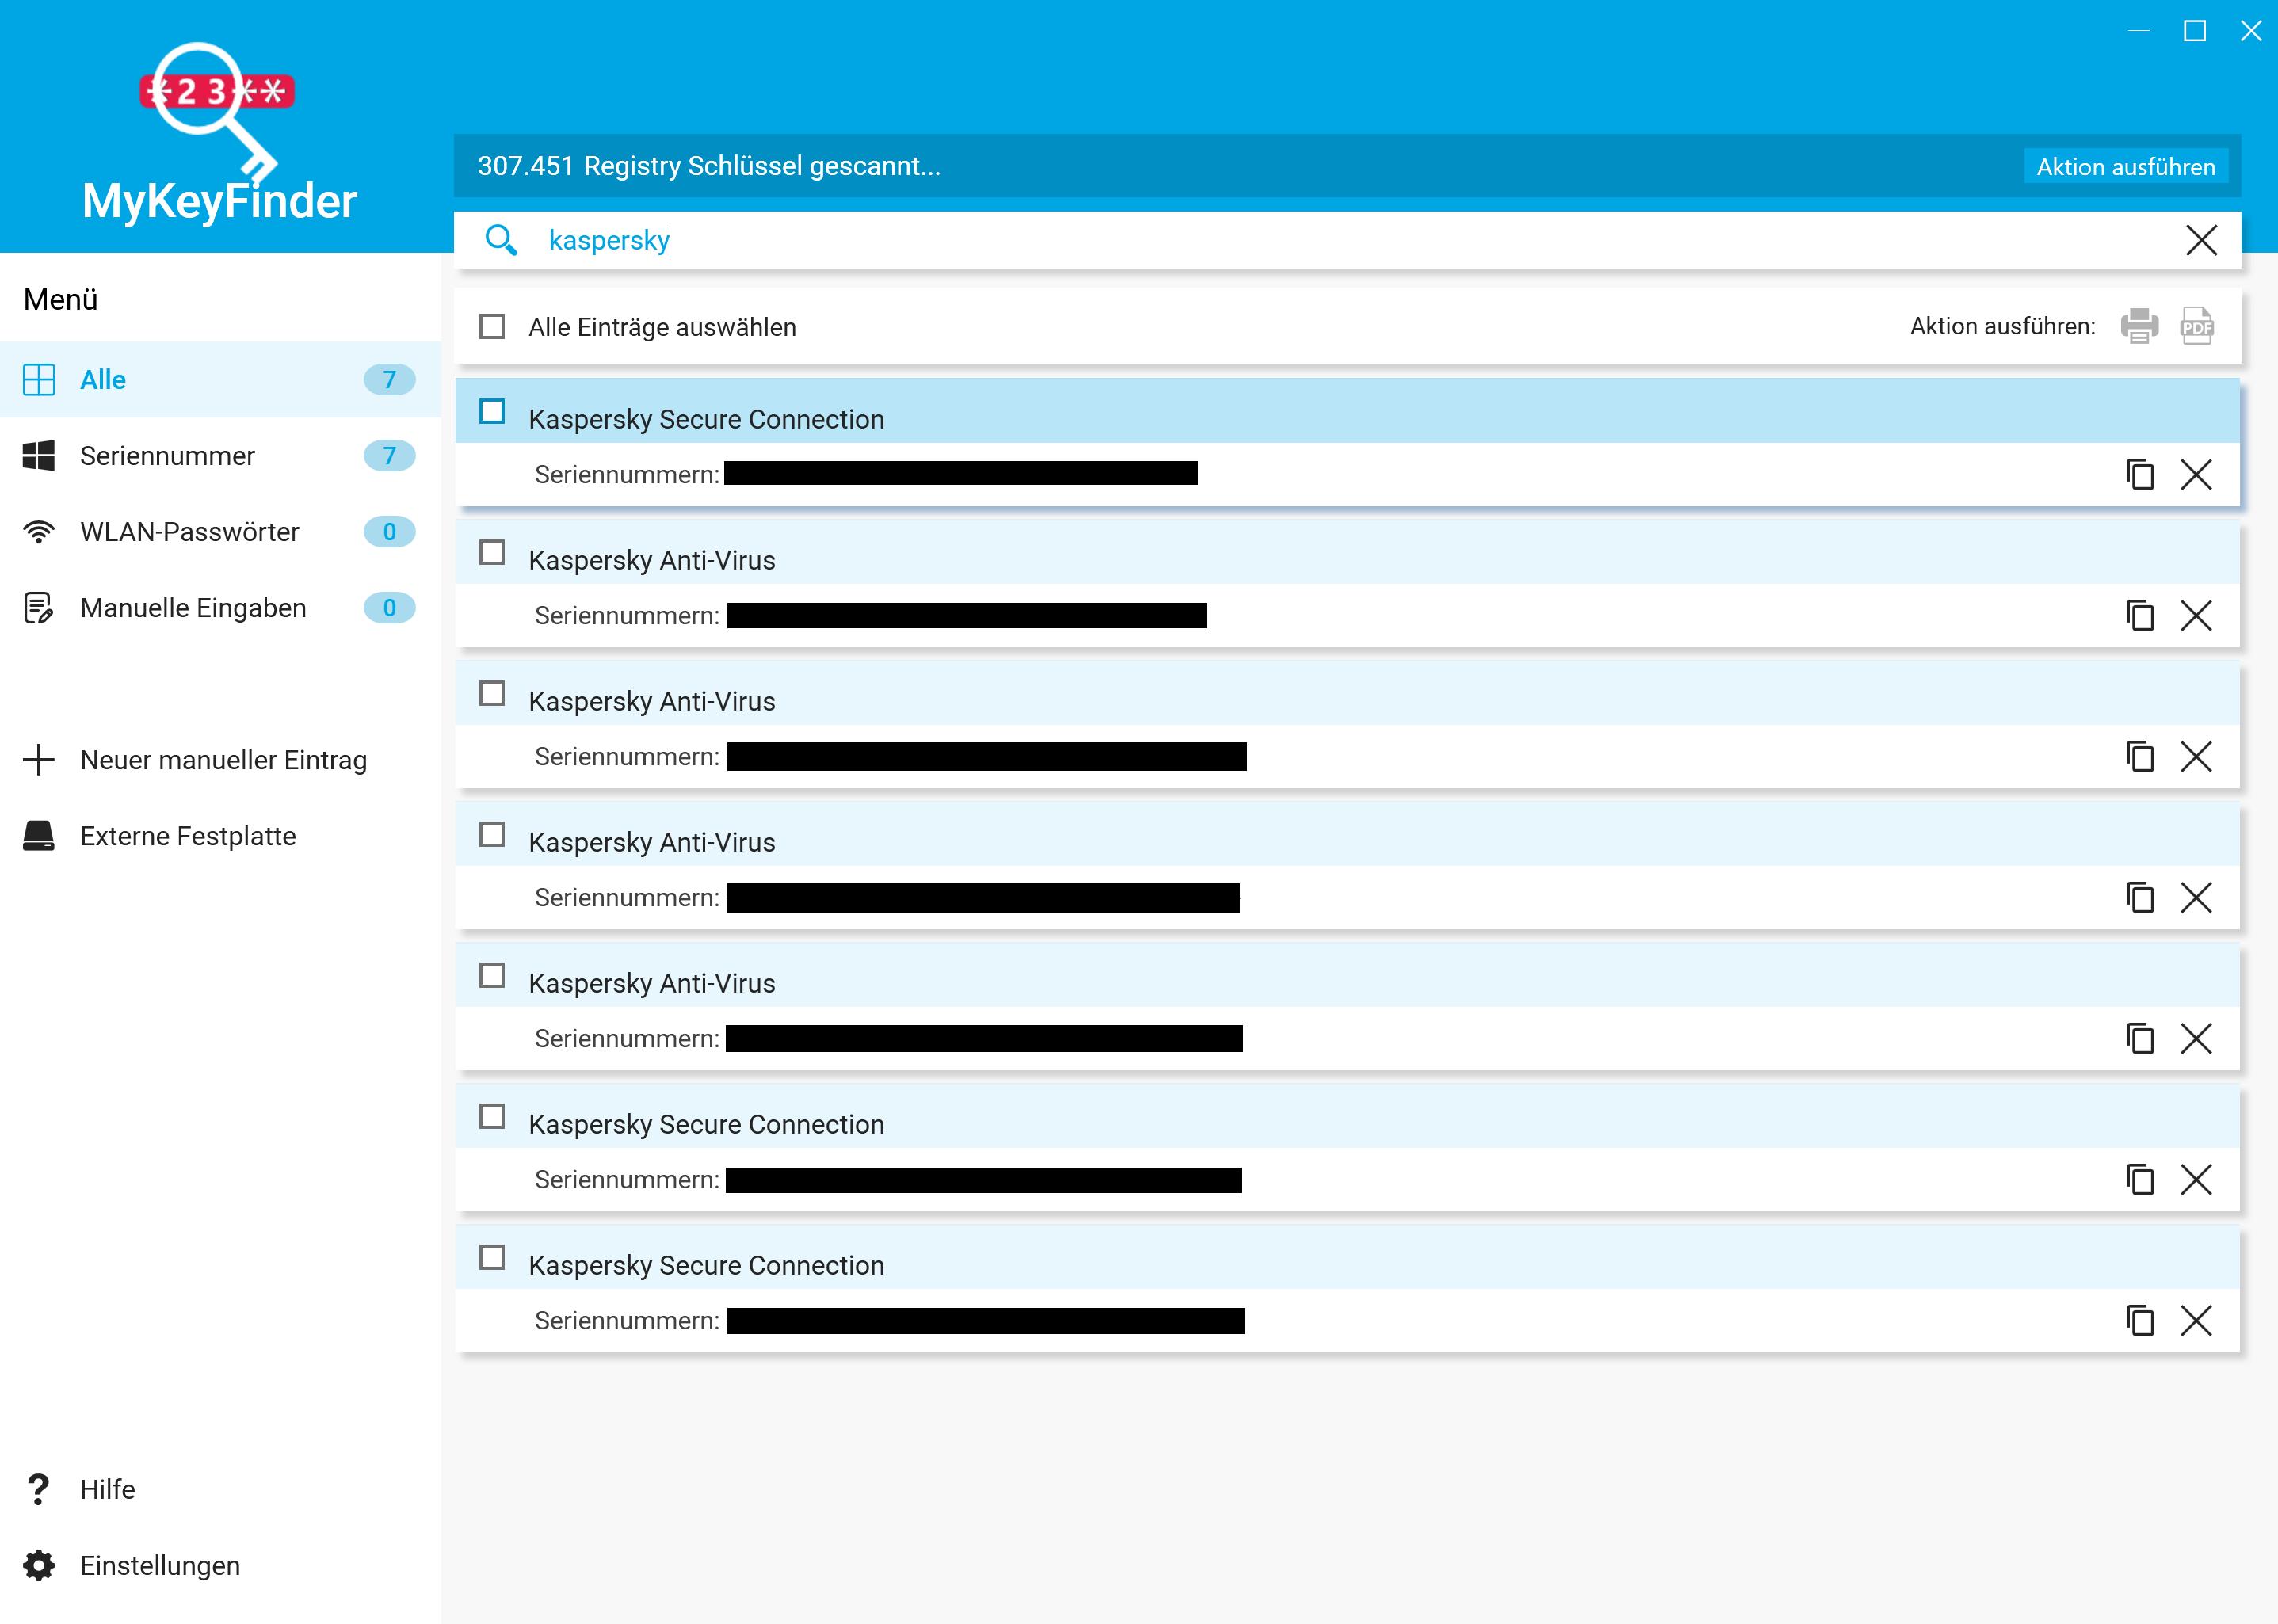 Kaspersky Lizenzschlüssel auslesen - Kaspersky Schlüssel suchen